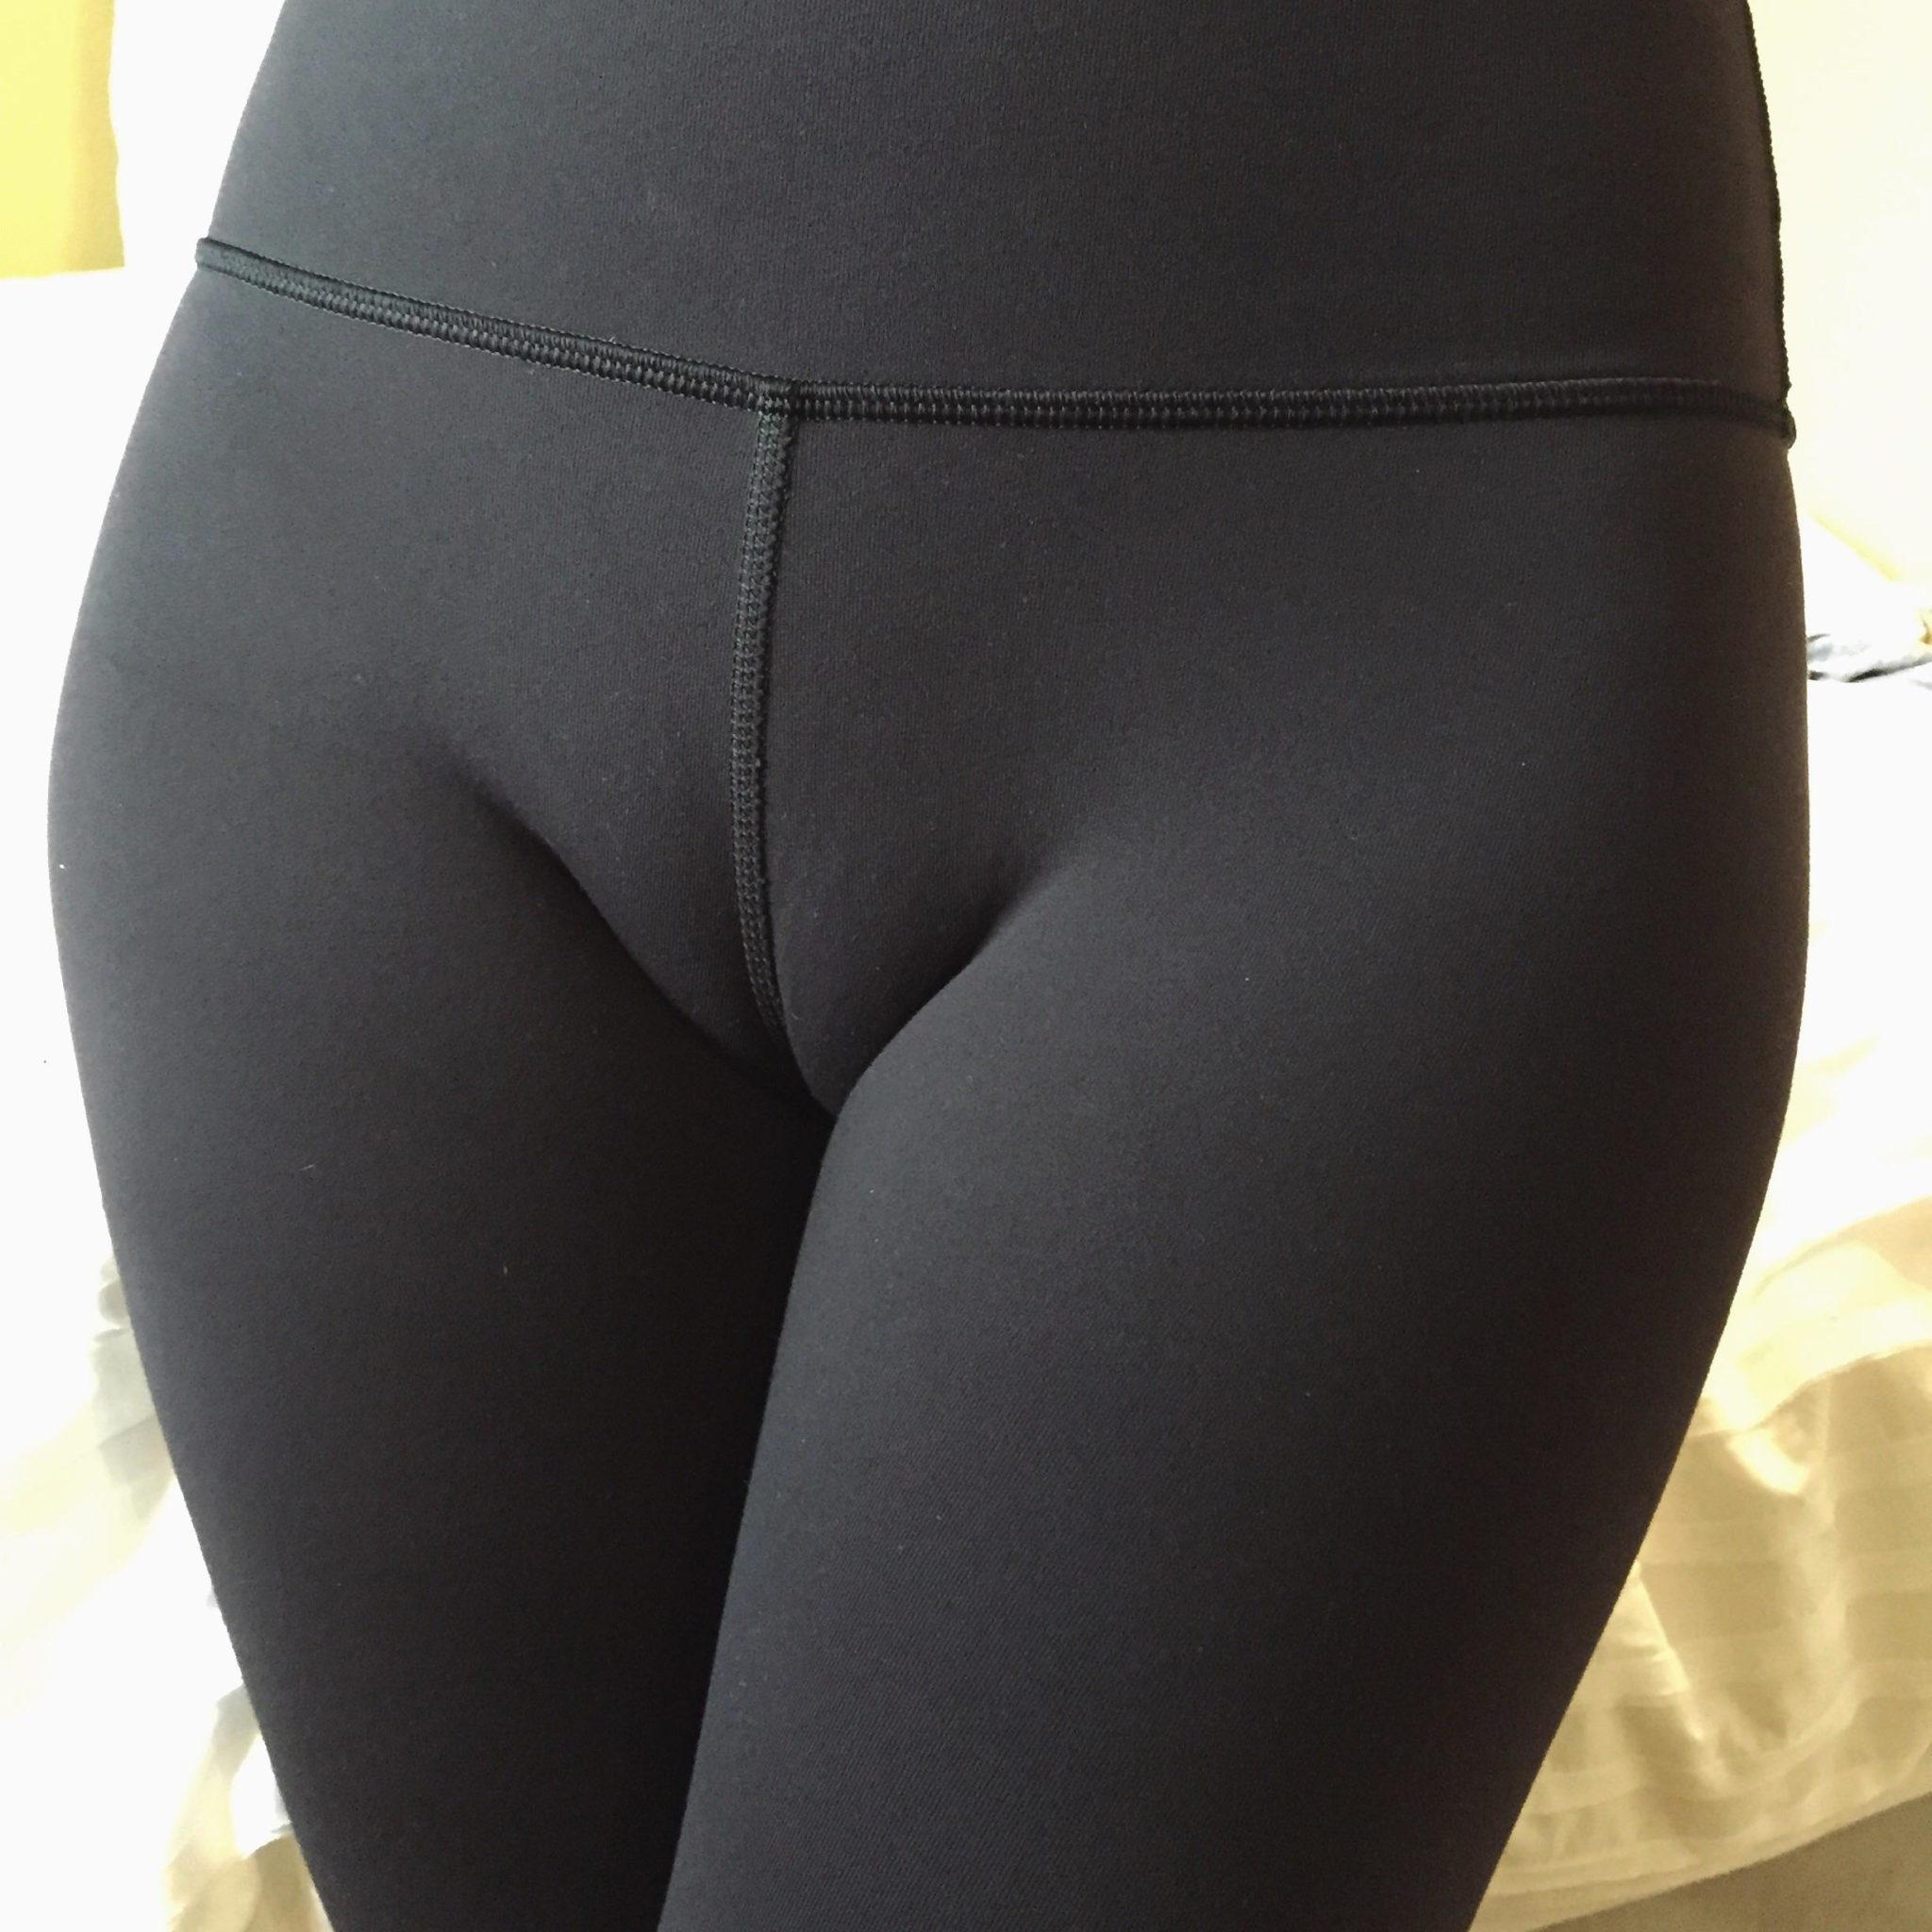 Big Black Camel Toes